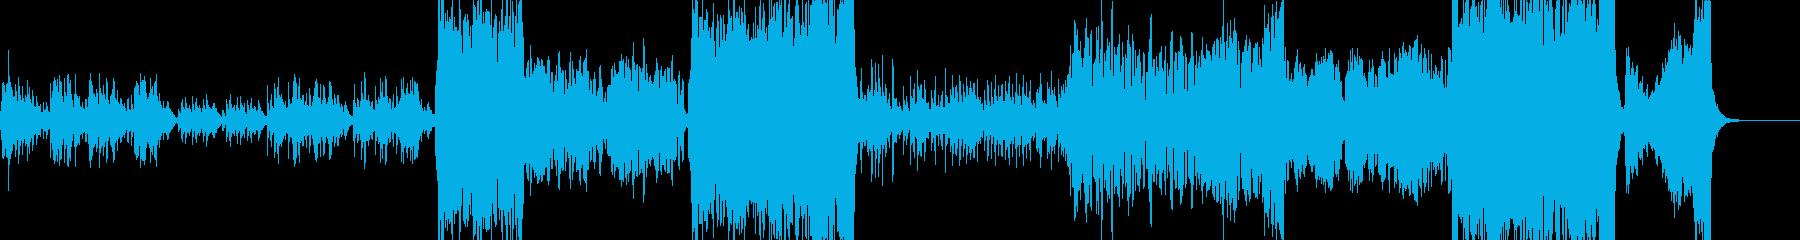 物語 姫チックな映像にマッチするワルツの再生済みの波形